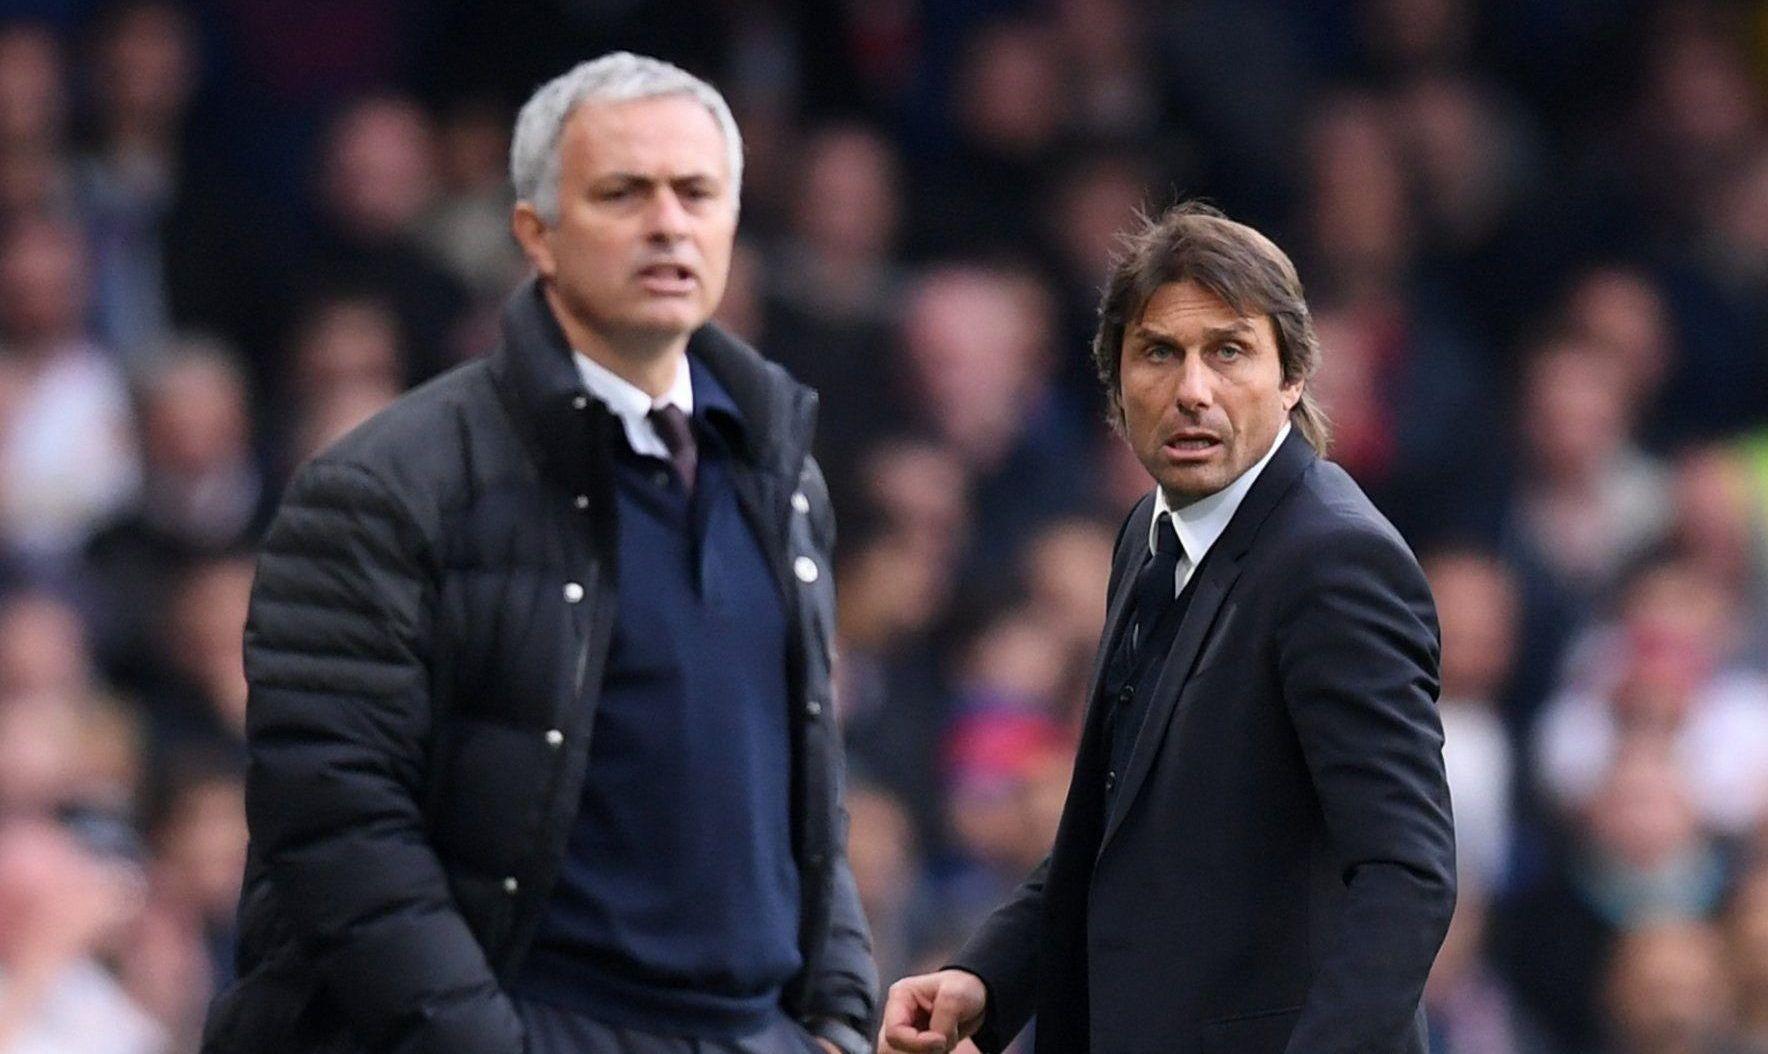 Continua la faida Conte-Mourinho: il portavoce del portoghese scrive «Antonio, sai cos'è l'Epo?»